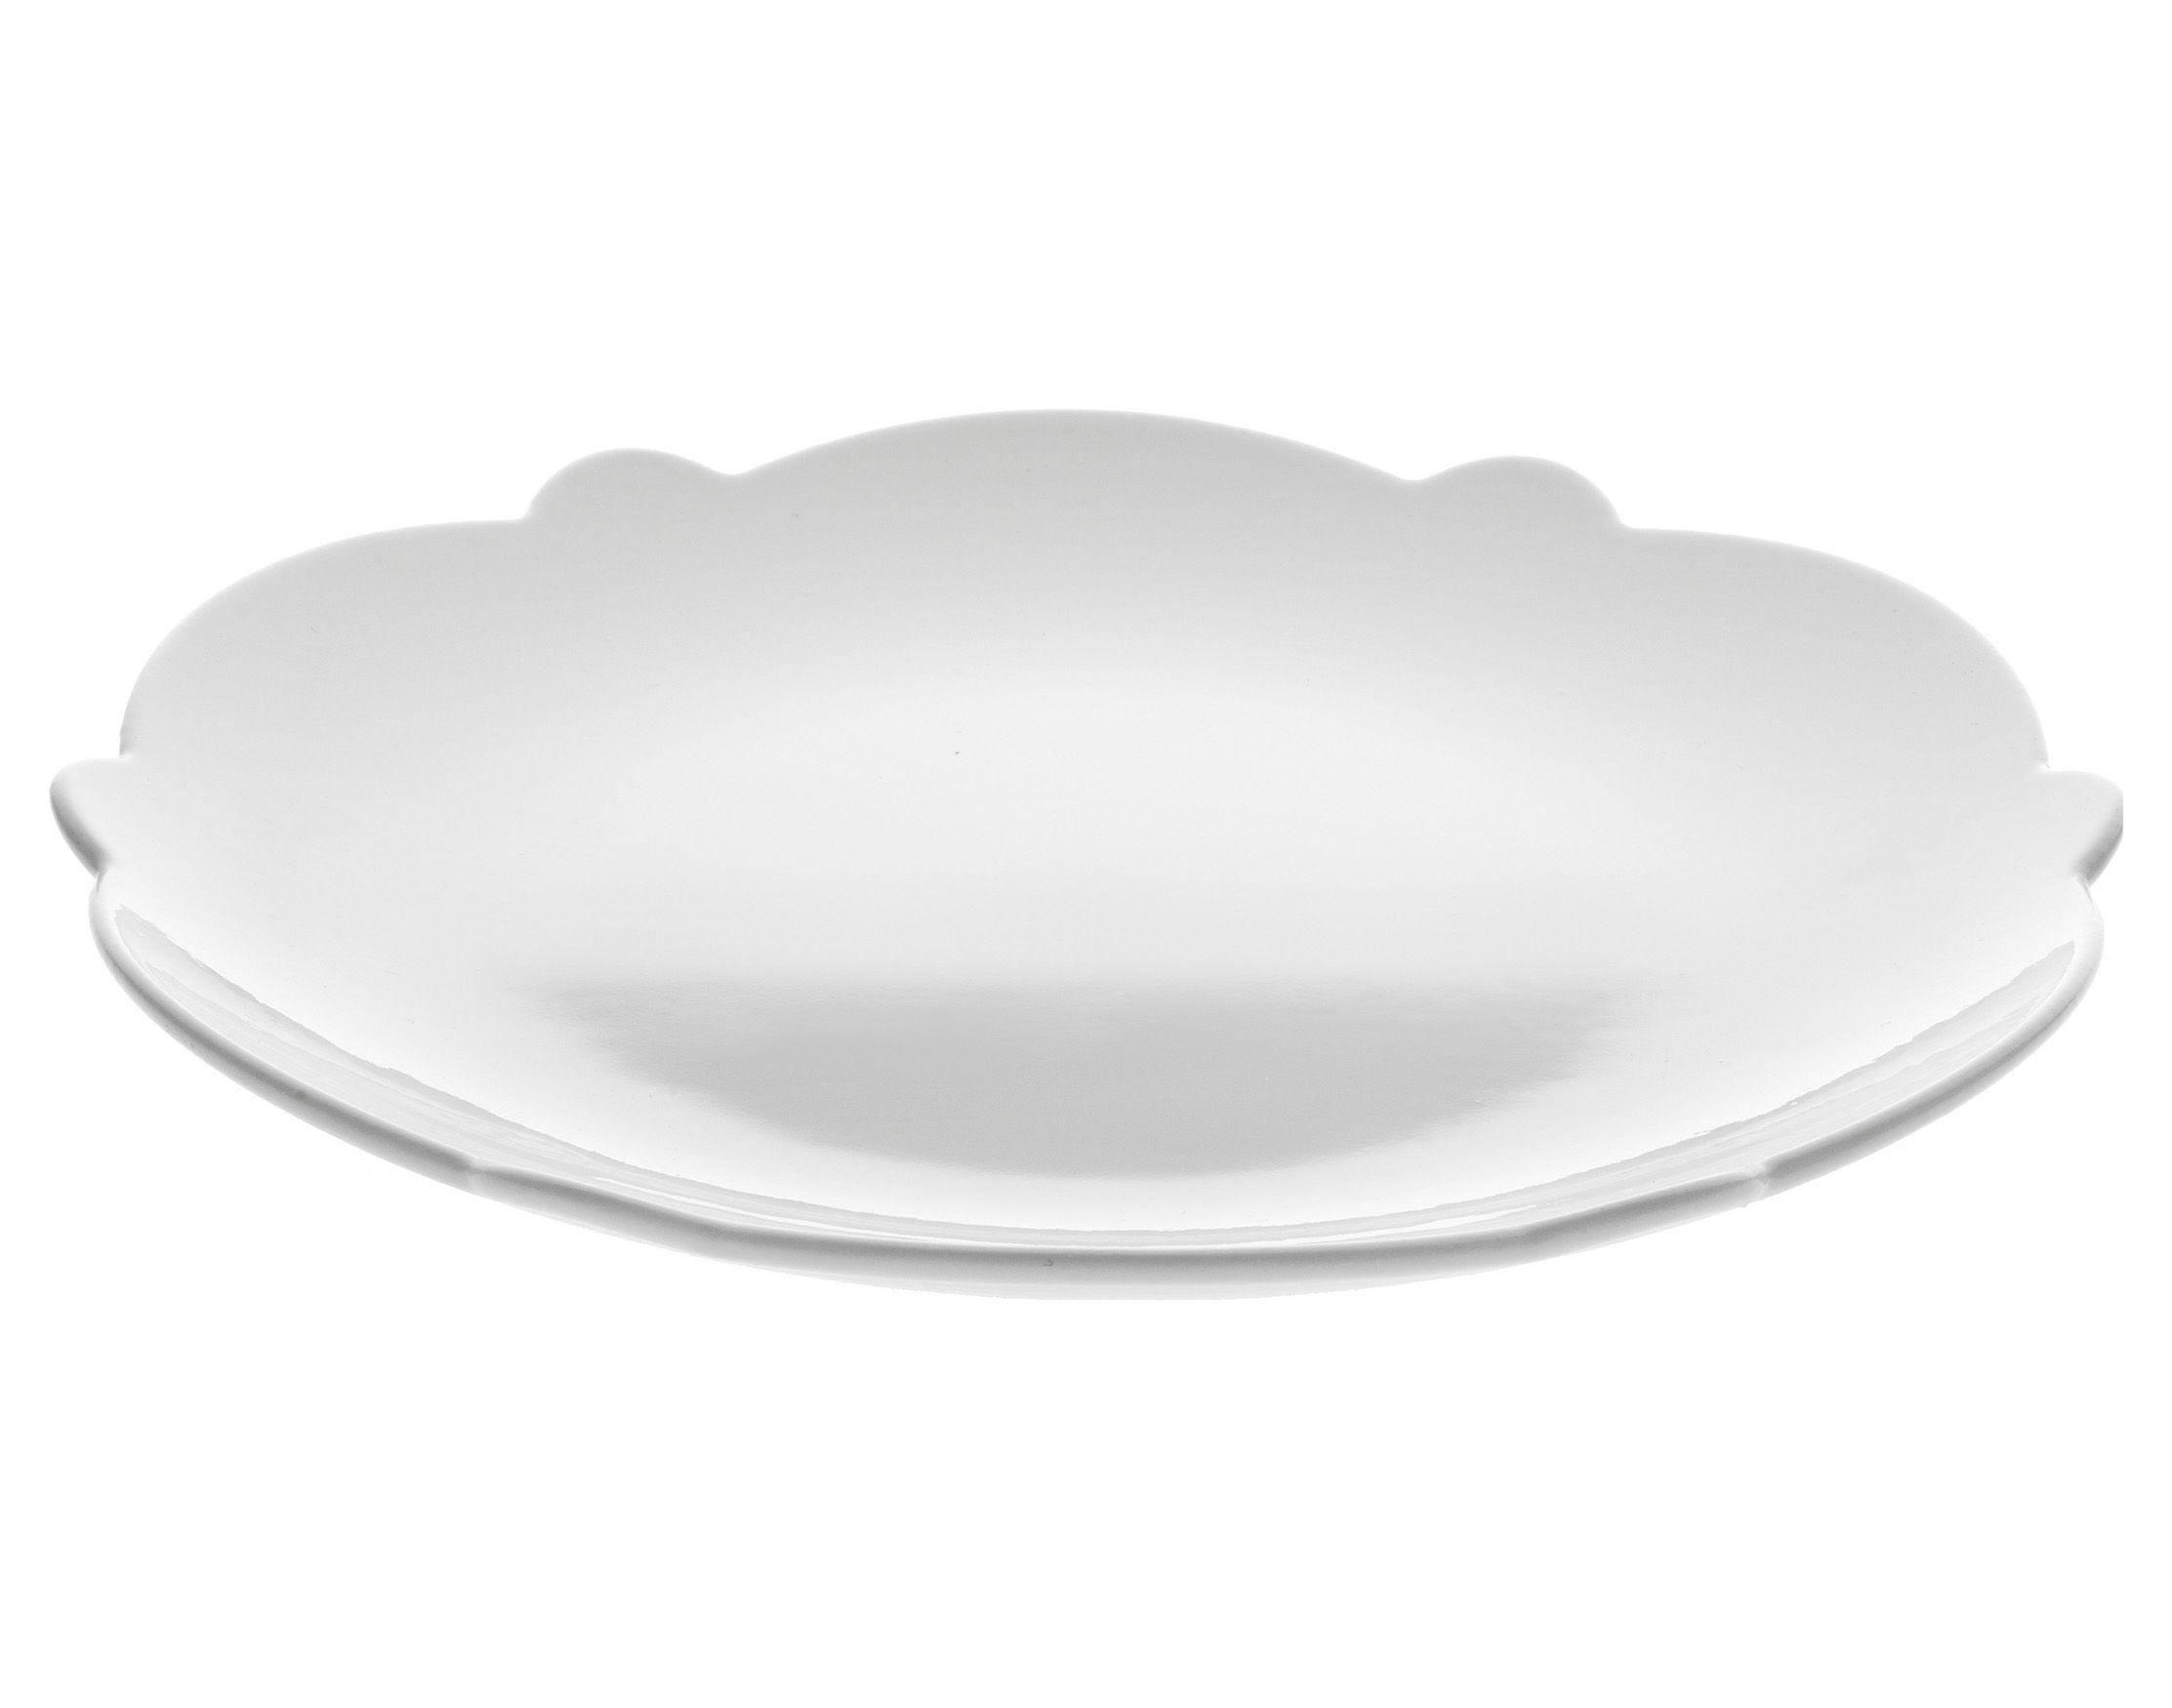 Tavola - Piatti  - Piatto da dessert Dressed - Ø 20 cm di Alessi - Piatto da dessert Ø 20 cm - Bianco - Porcellana